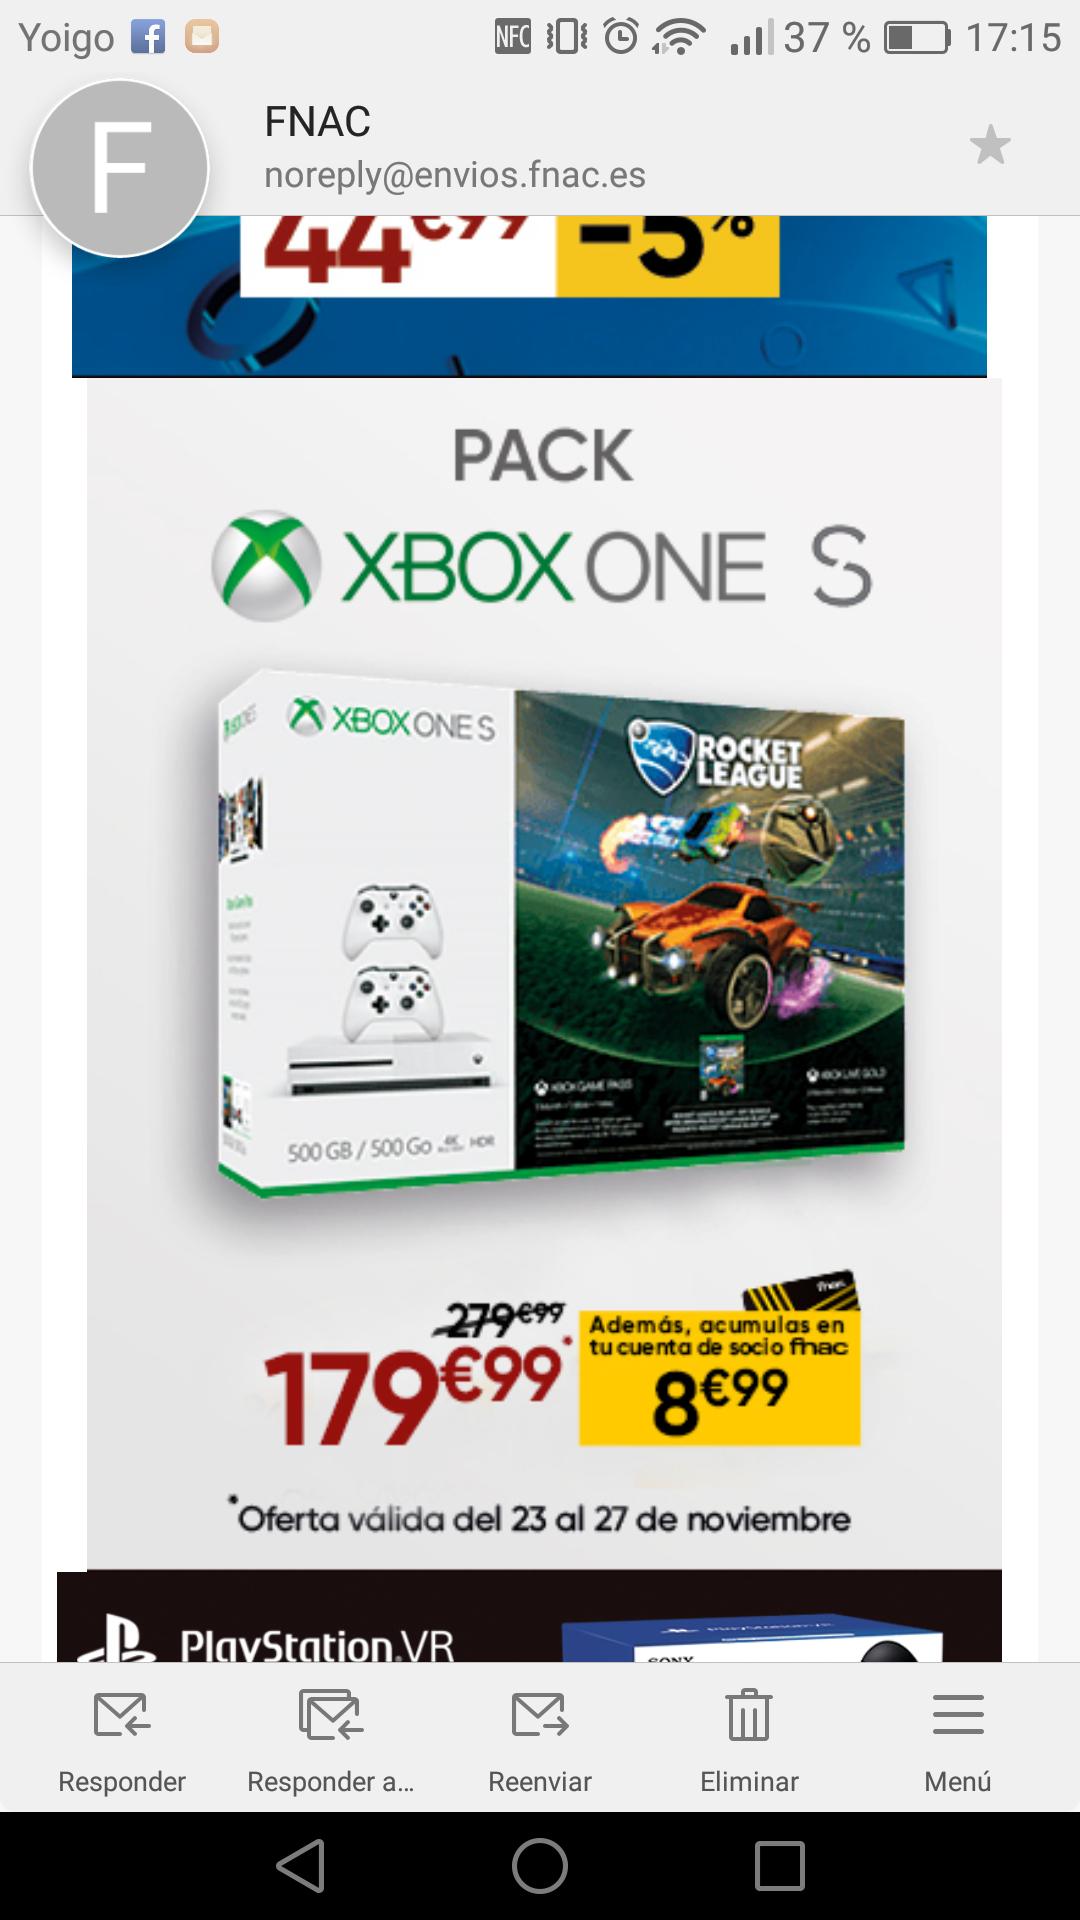 Xbox One S 179.99€ (PVP 279.99€)